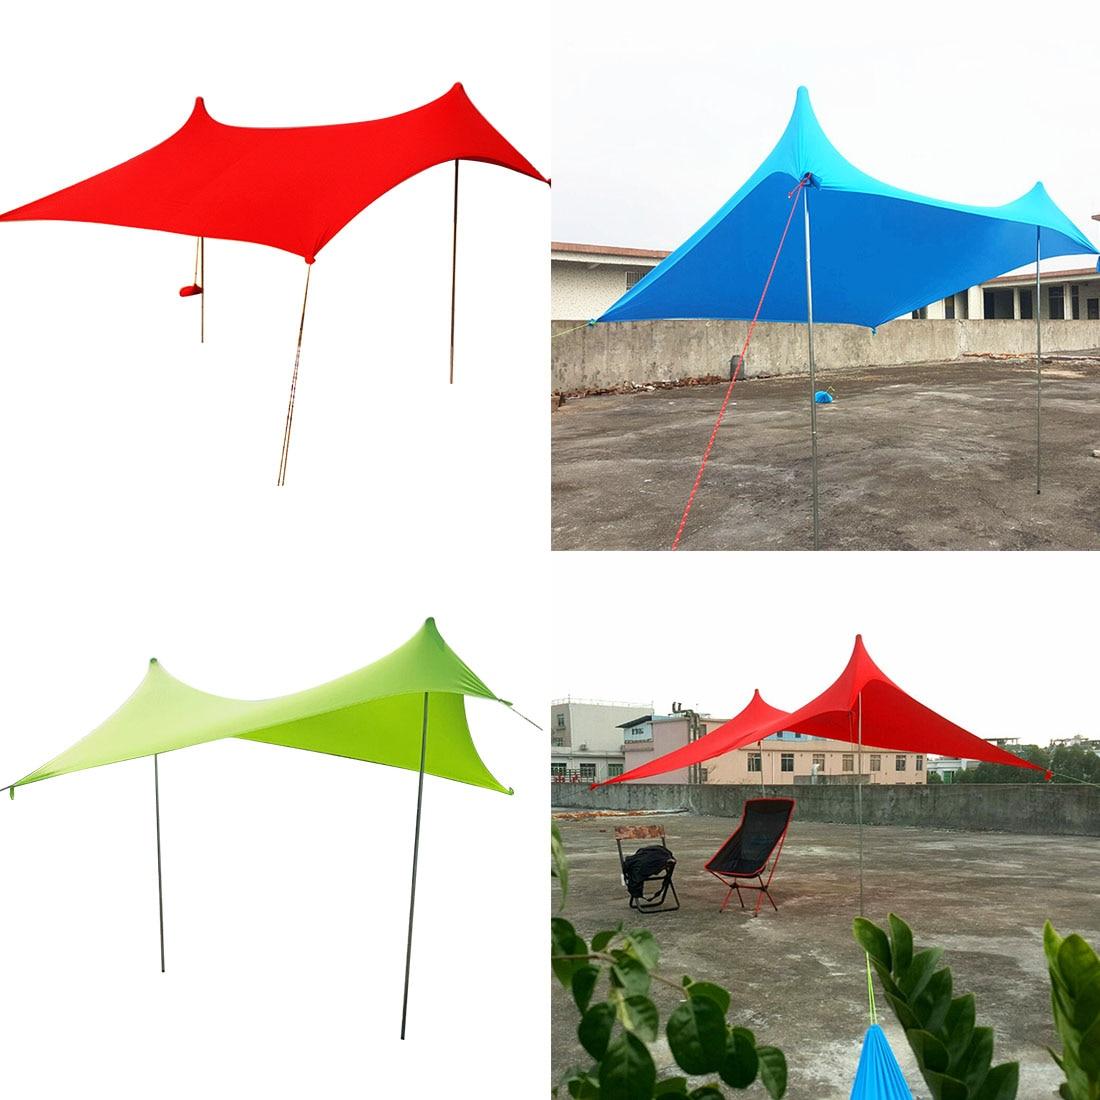 Haute qualité plage parasol abri soleil tente de plage avec sacs de sable ancres avec 2 pôles gratuits qualité Lycra tissu